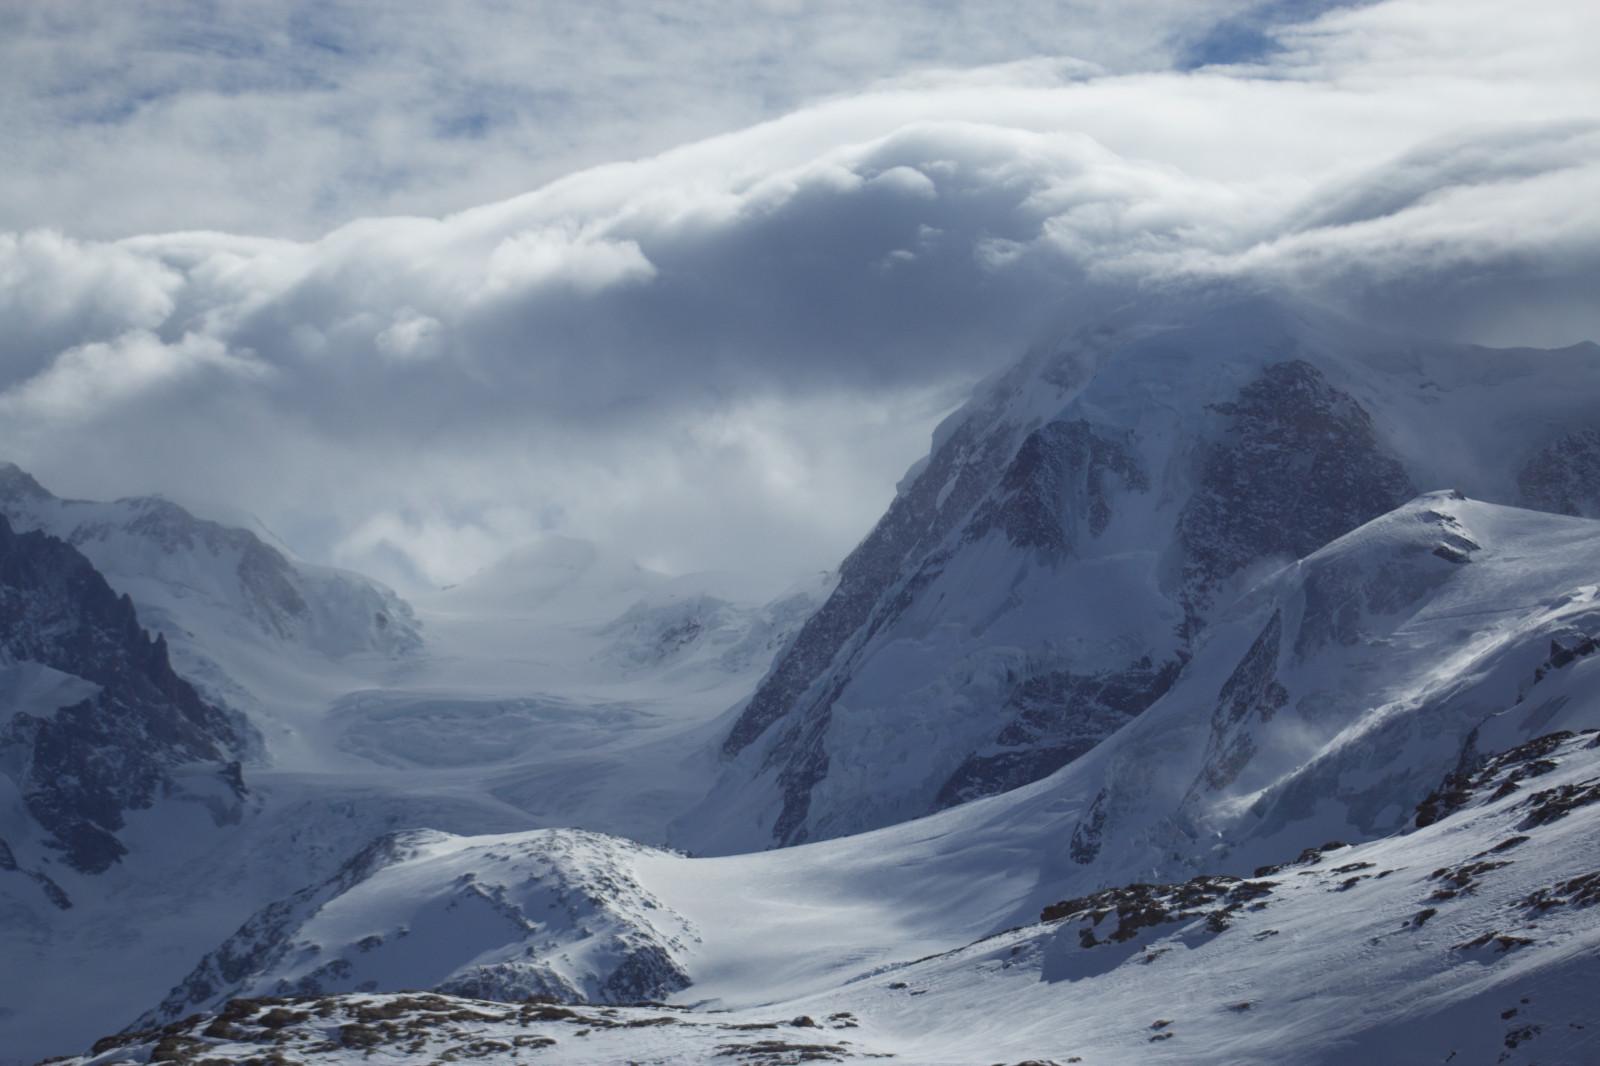 Fondo Escritorio Paisaje Nevada En Cumbre: Fondos De Pantalla : Paisaje, Montañas, Nieve, Invierno